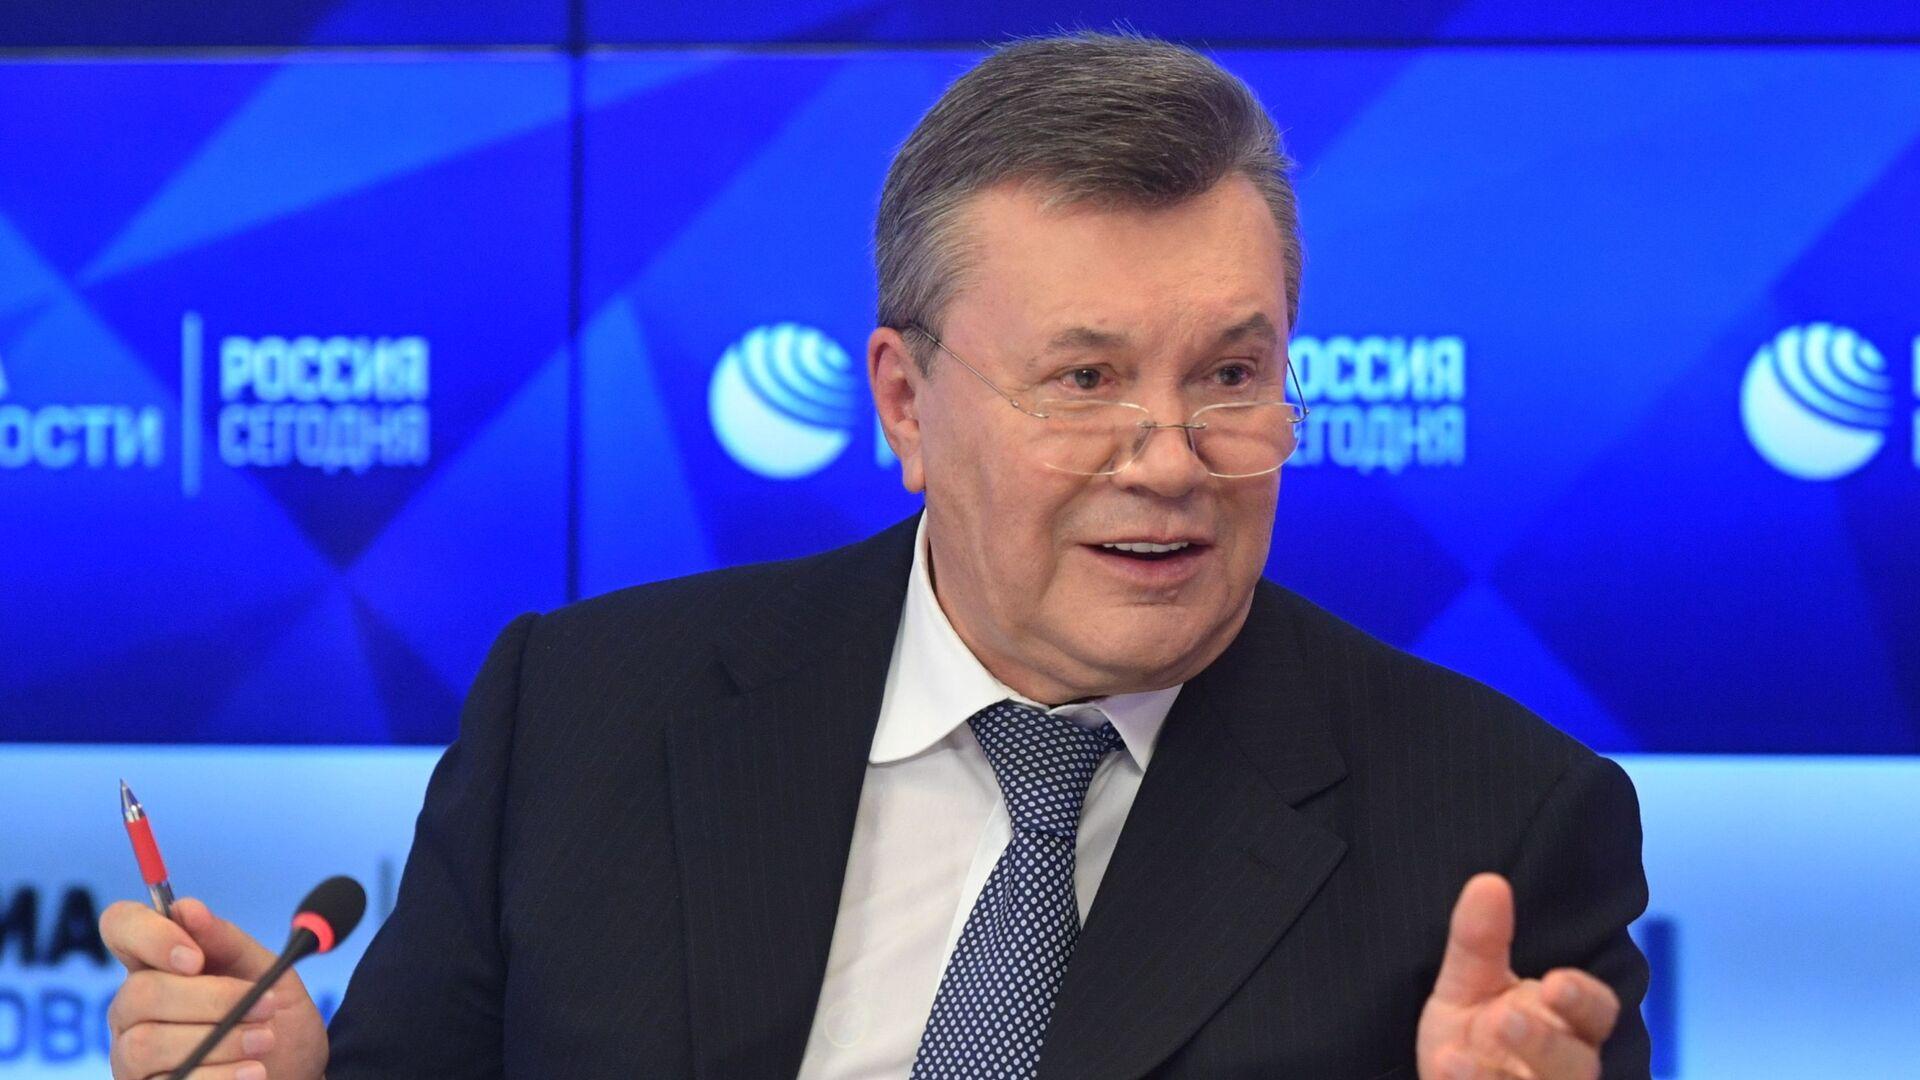 Бывший президент Украины Виктор Янукович на пресс-конференции в МИА Россия сегодня - РИА Новости, 1920, 31.07.2021